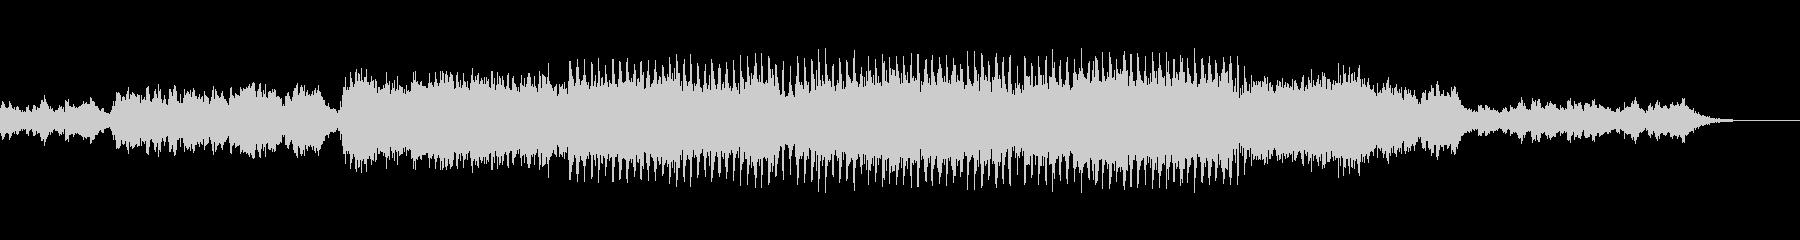 神秘的で響きがかっこいいメロディーの未再生の波形